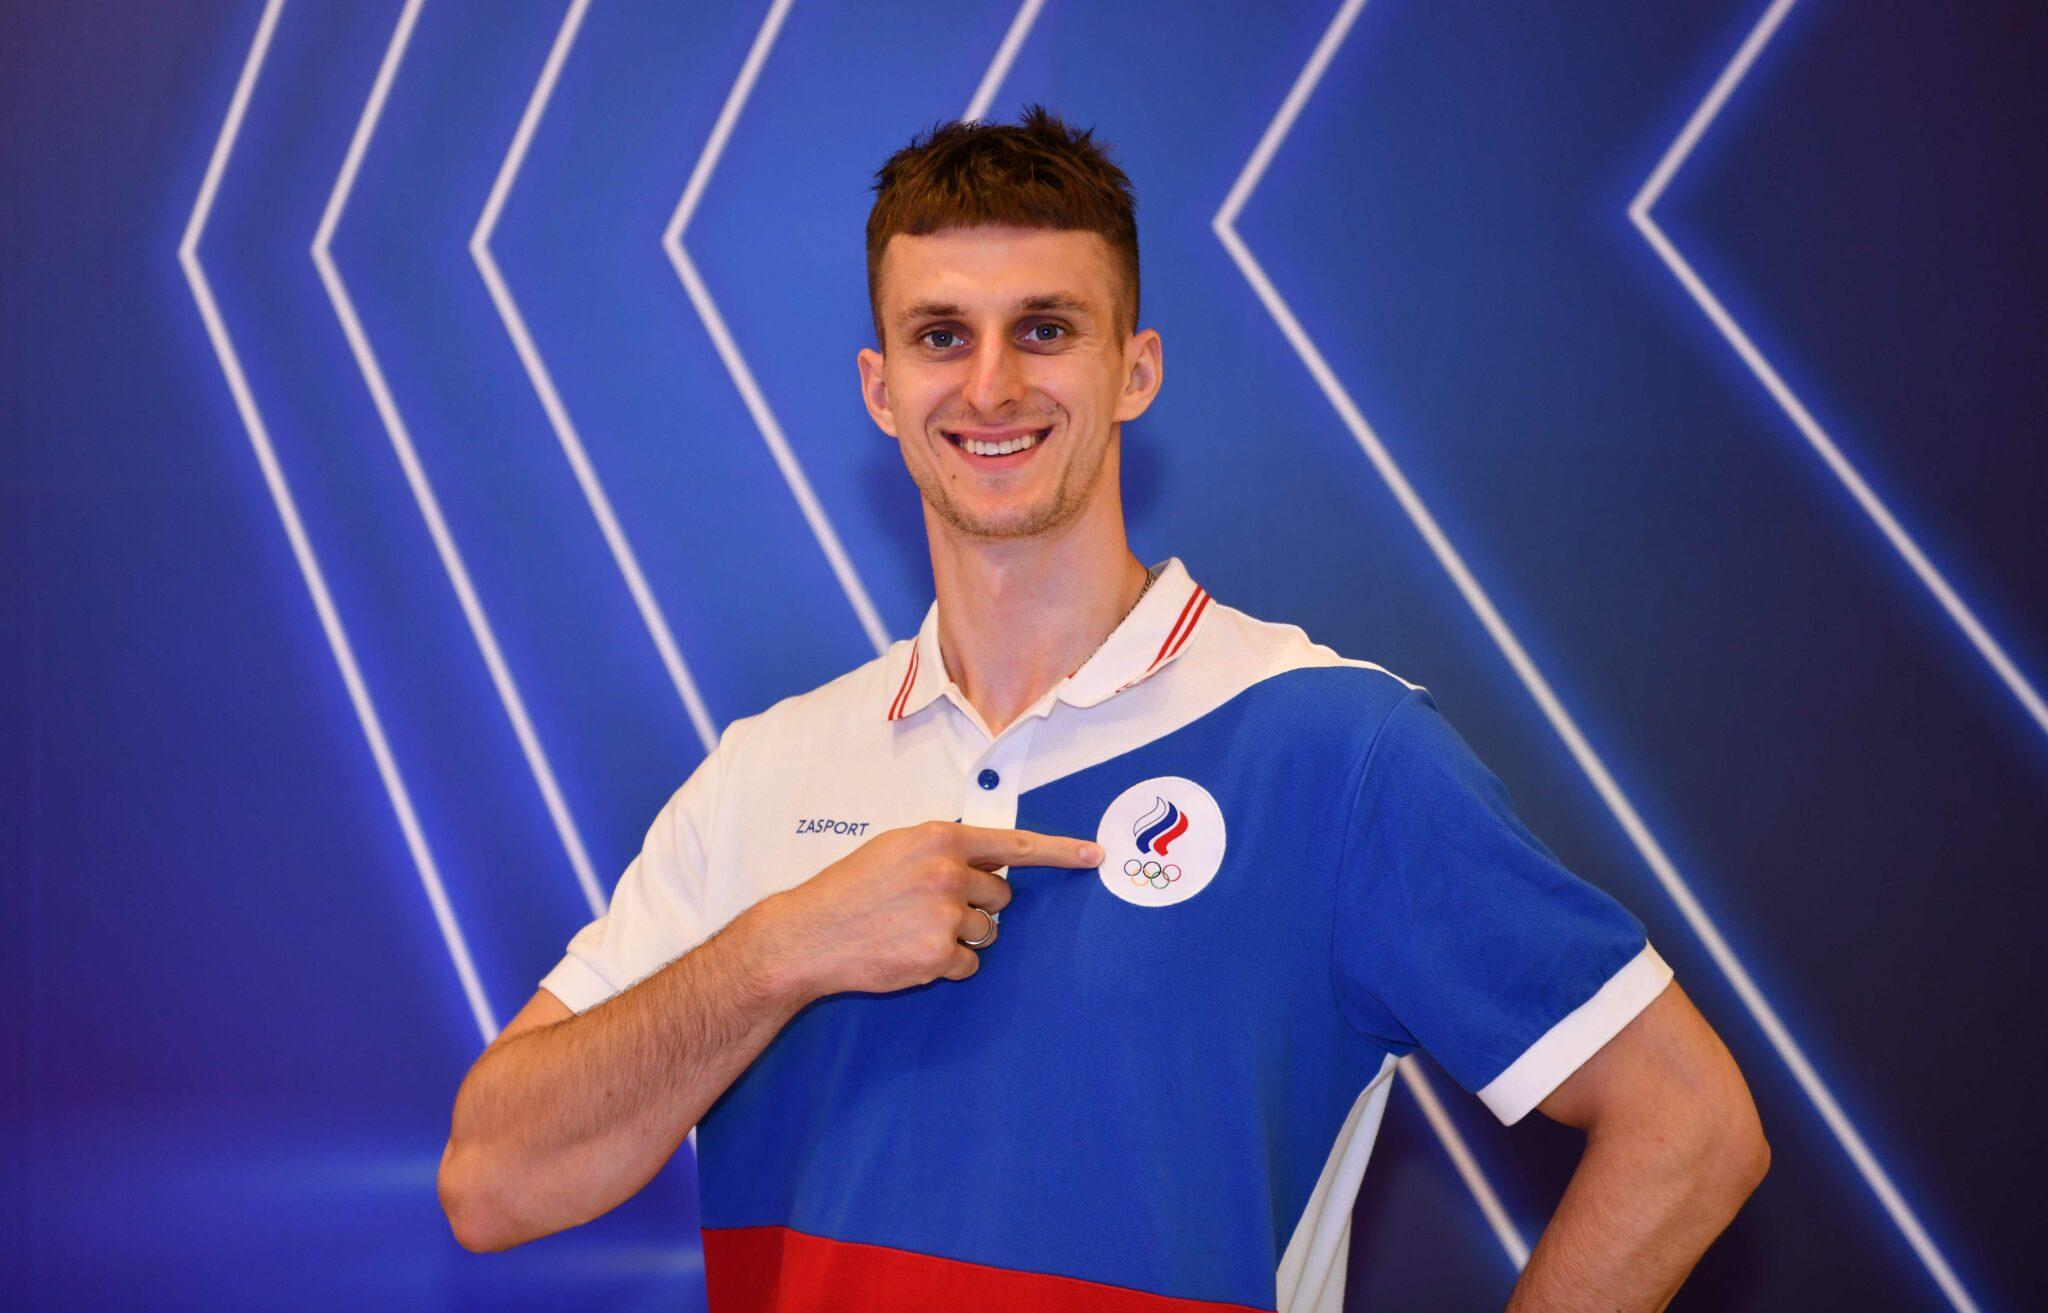 Фото: Олимпийский Комитет России